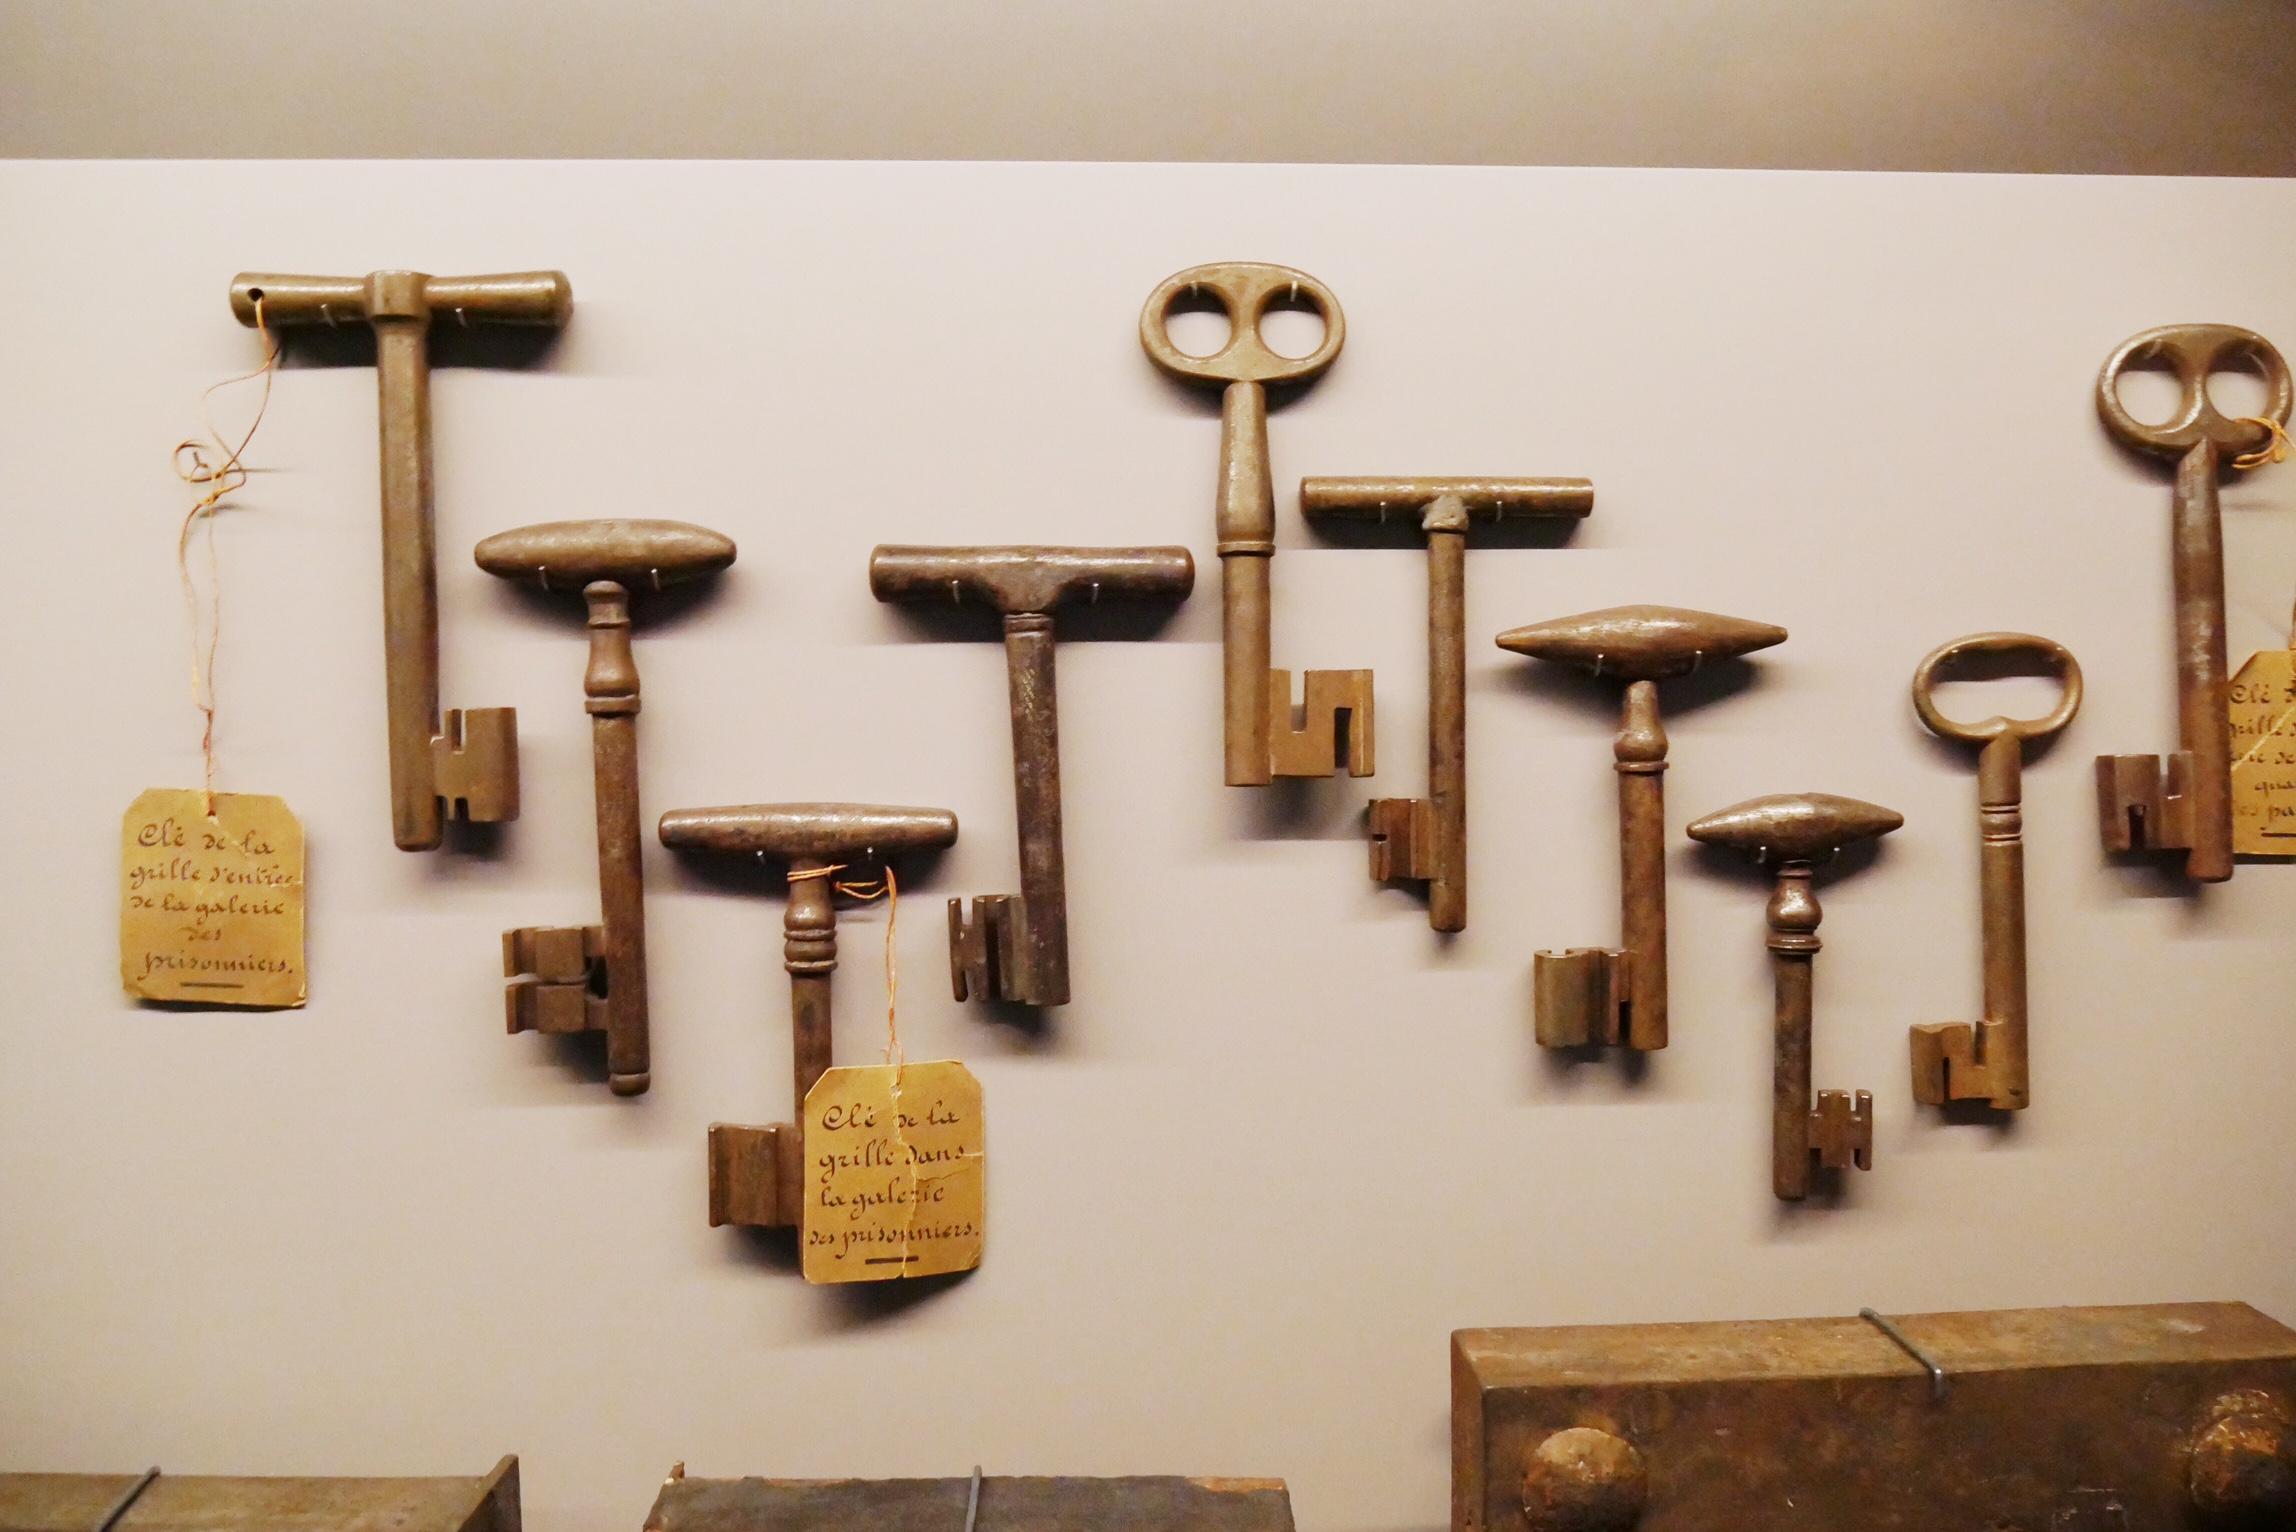 Clés et serrures de La Conciergerie Paris visite collection centre des monuments nationaux